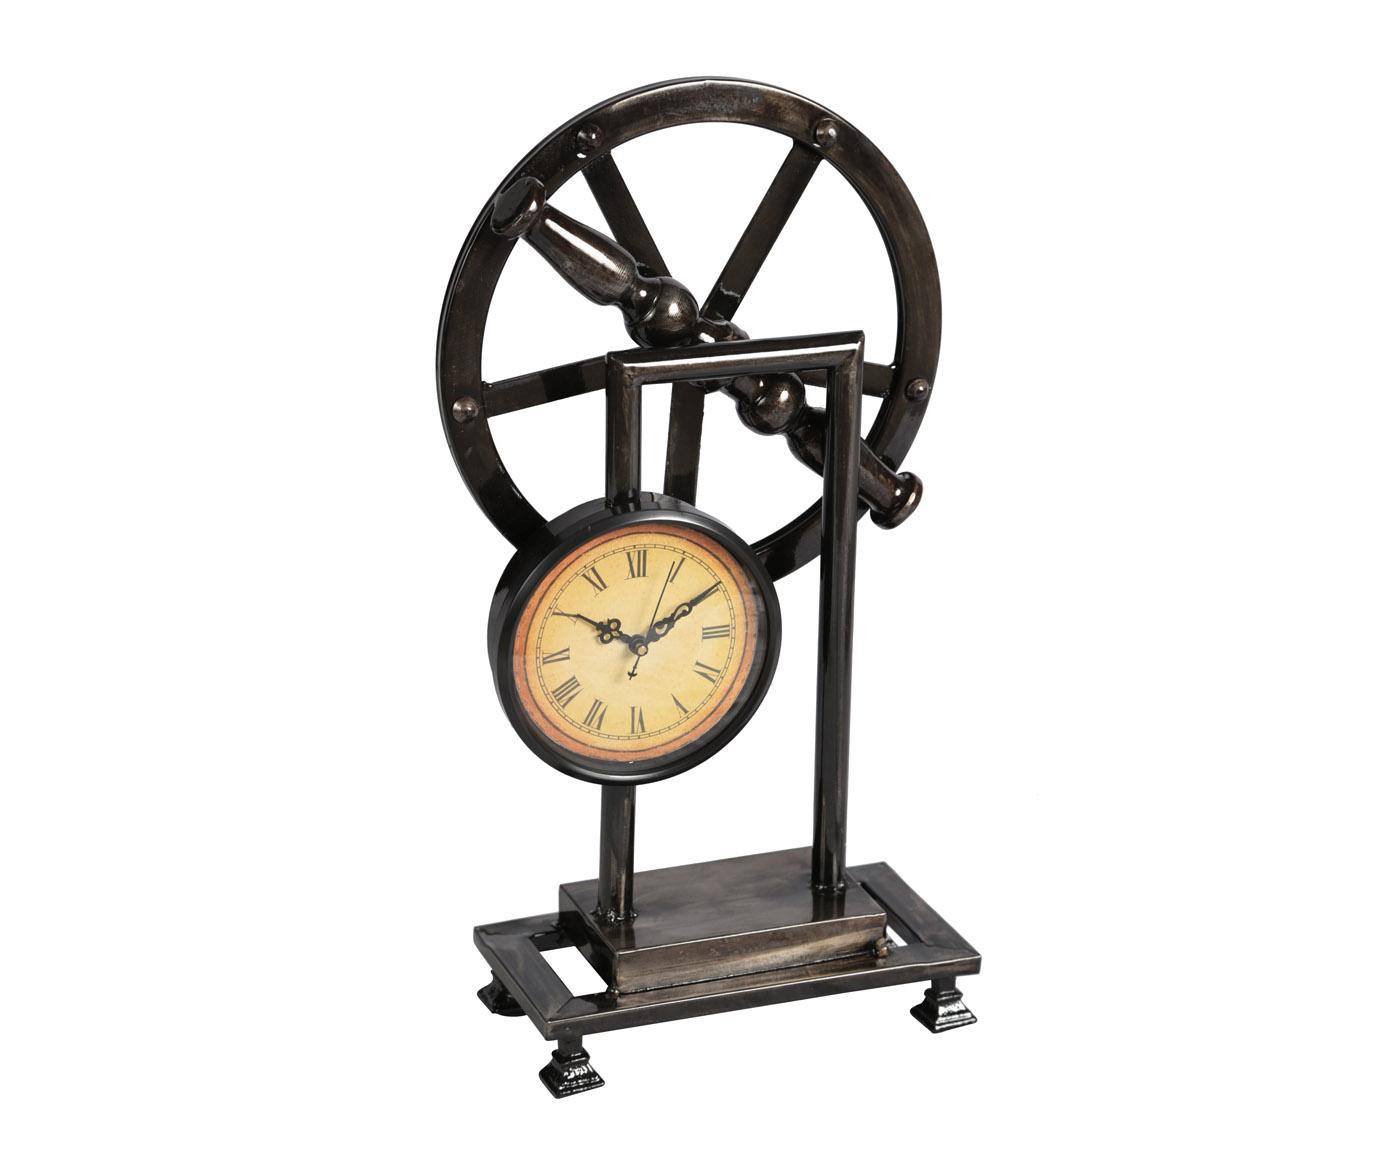 Часы настольныеНастольные часы<br>Металлические настольные часы, покрашены в темно-коричневый глянцевый оттенок. Работают от пальчиковых батареек АА.<br><br>Material: Металл<br>Width см: 23,5<br>Depth см: 11<br>Height см: 44,5